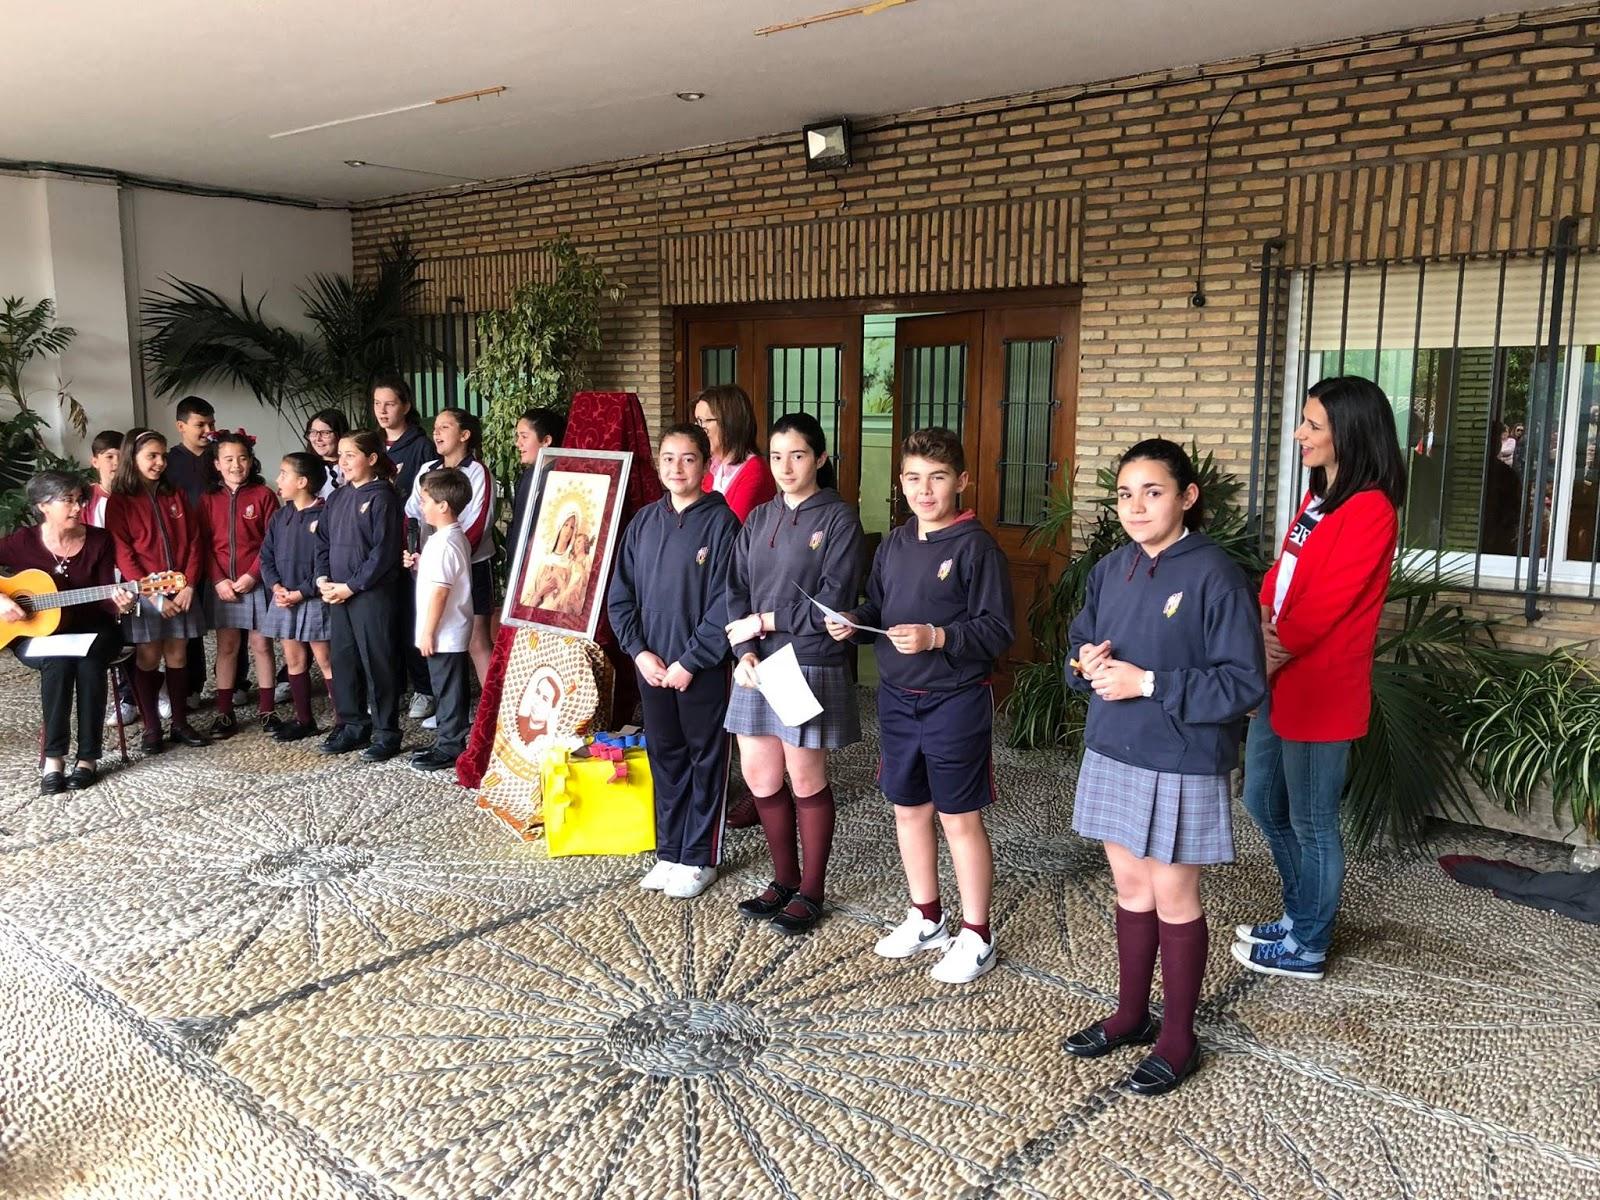 100 Merced Colegio Ntra Sra De Las Mercedes Córdoba Oración 24 Abril